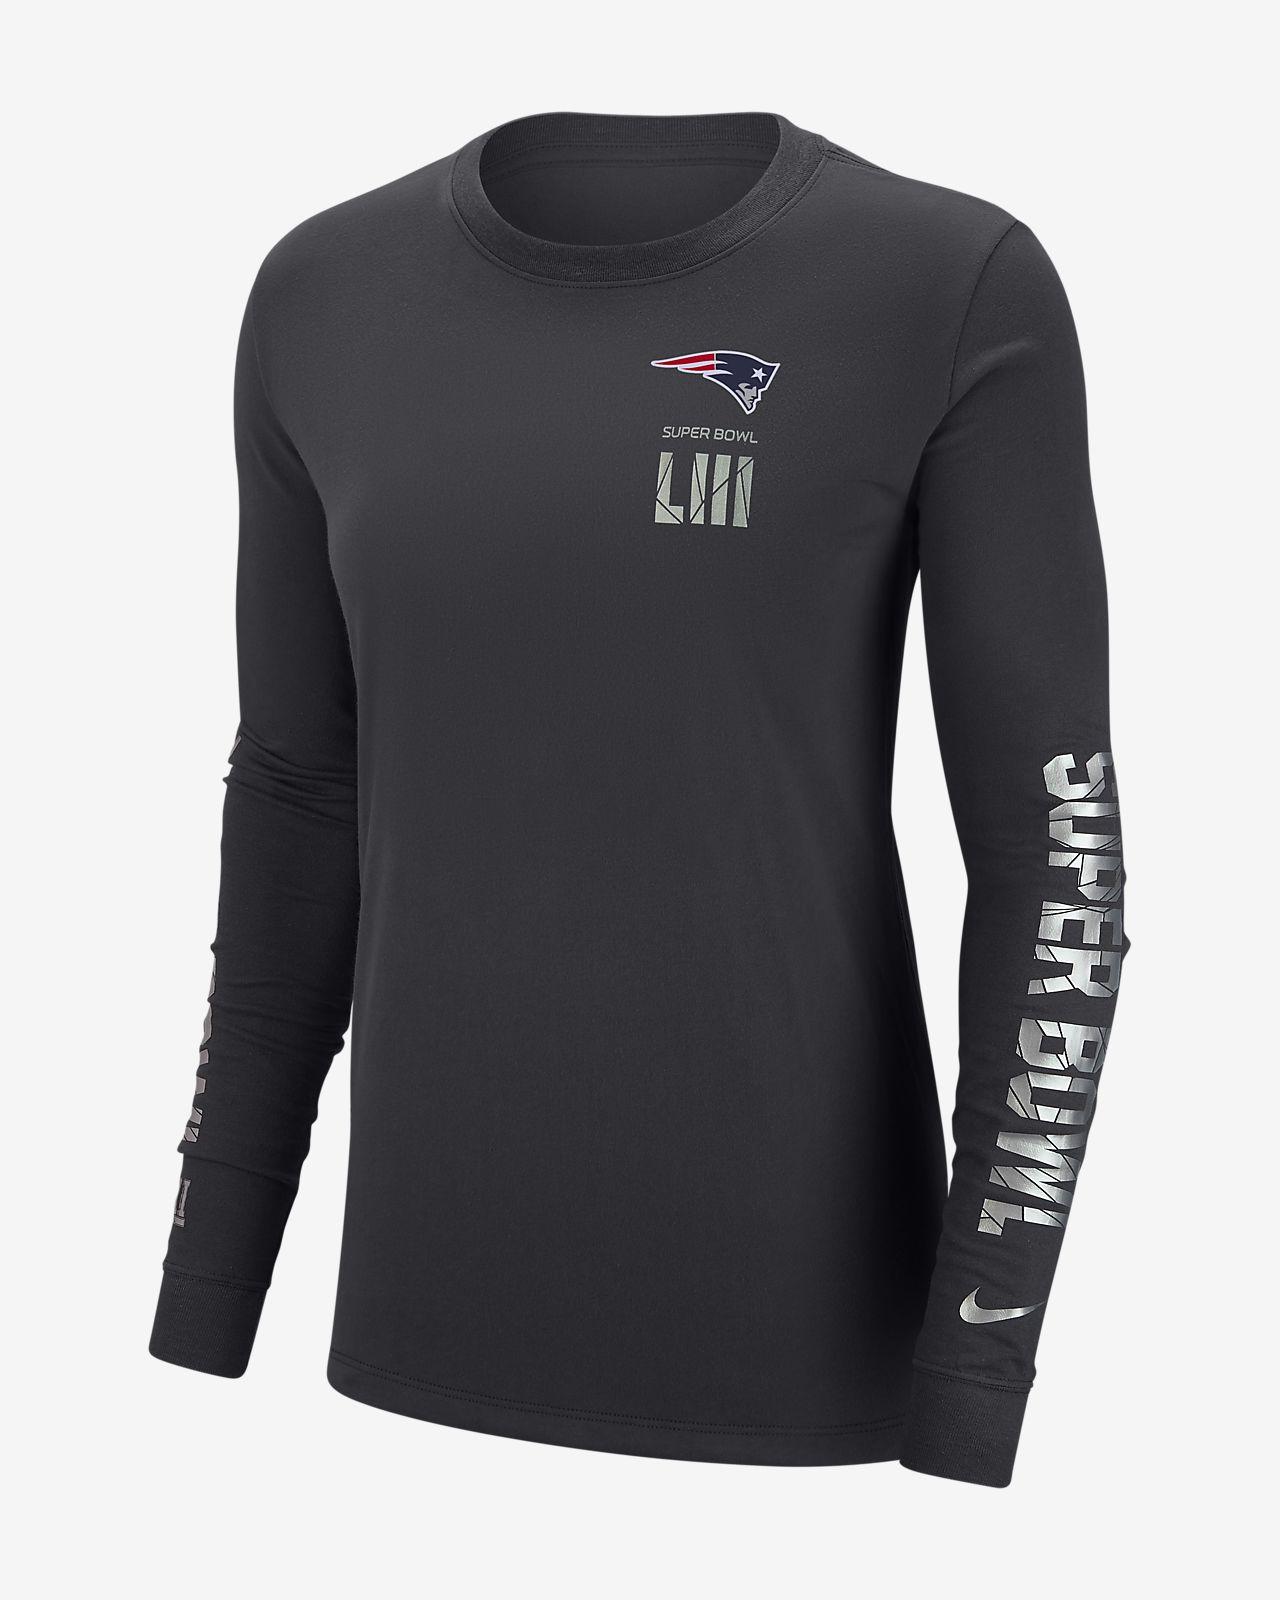 Nike Dri-FIT Super Bowl LIII (NFL Patriots) Women s Long-Sleeve T ... 4b1b60eb4